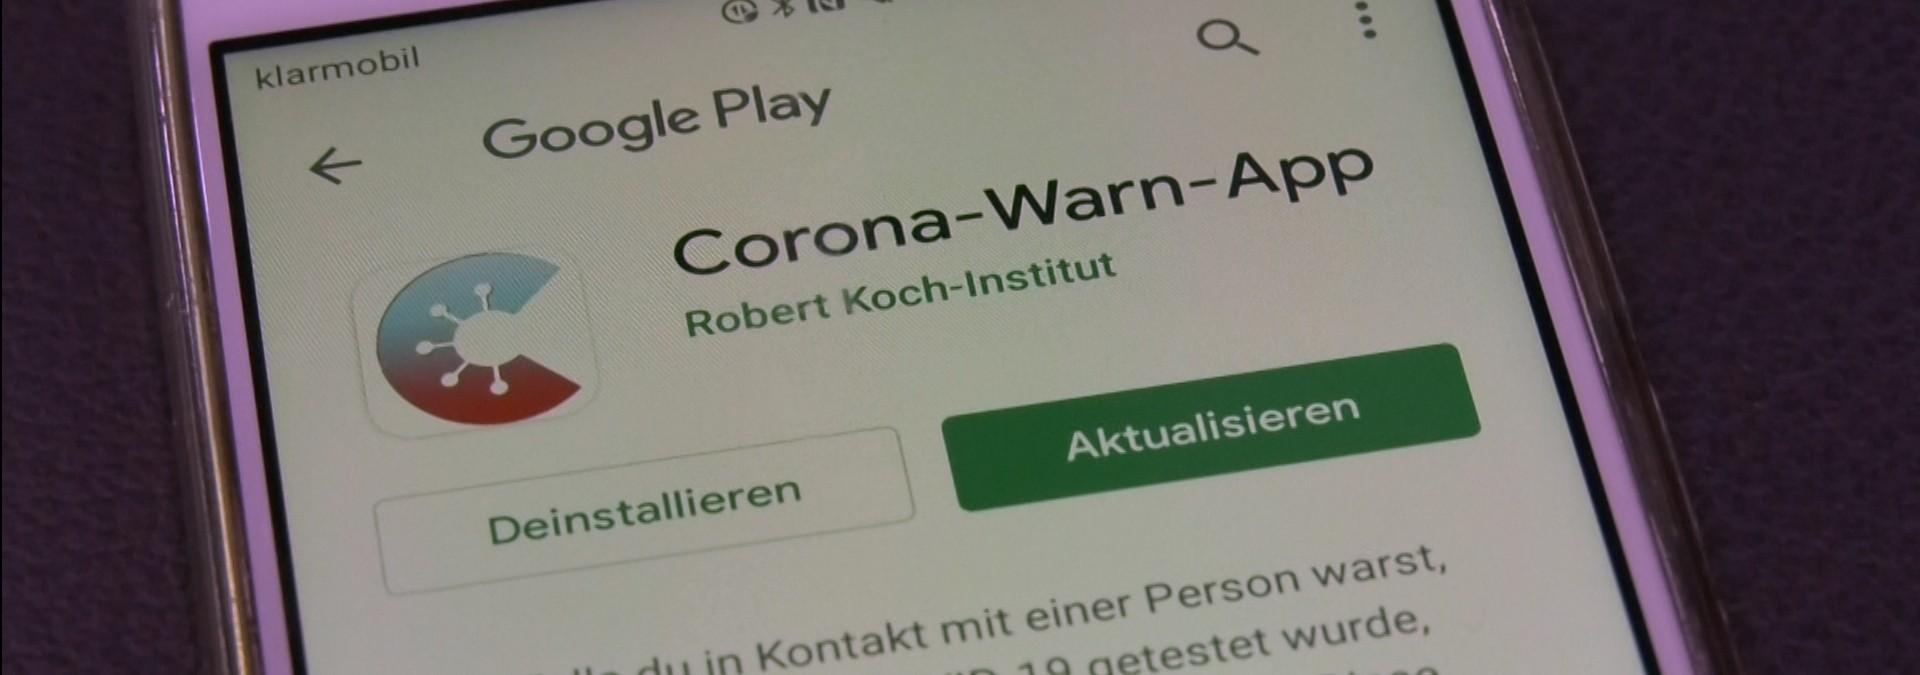 Neue Funktionen für die Corona-Warn-App